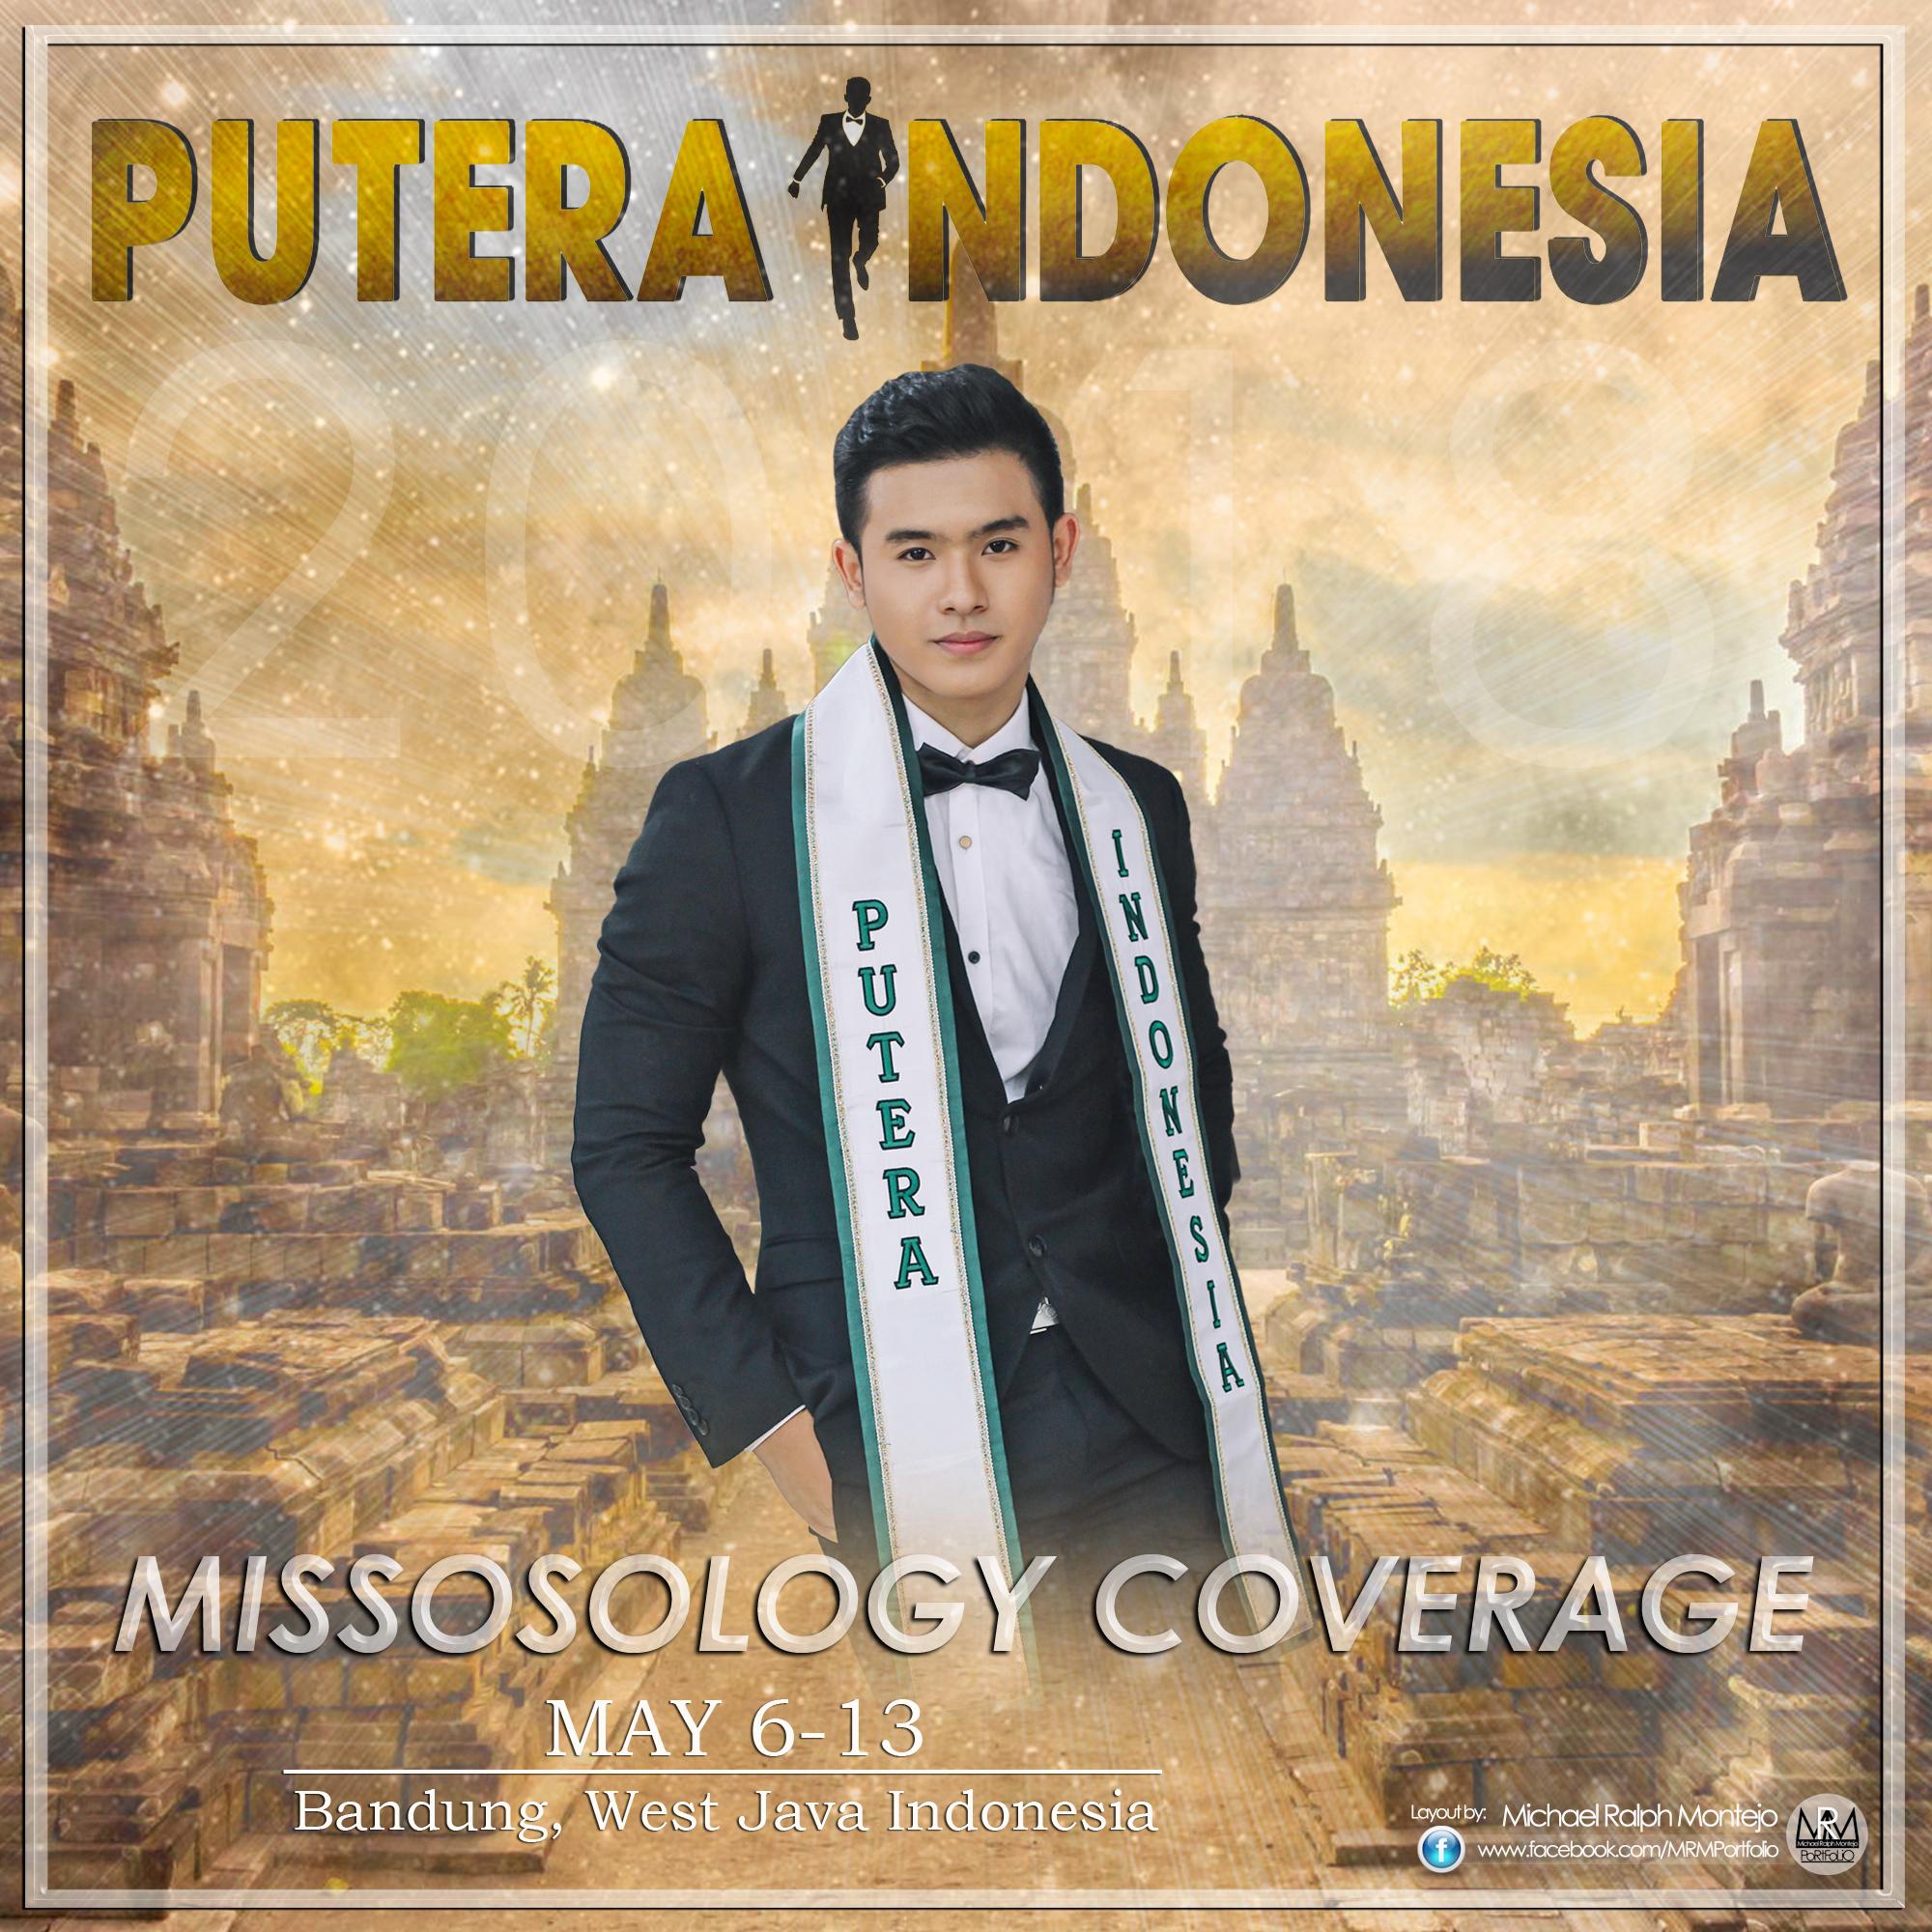 Putera Indonesia